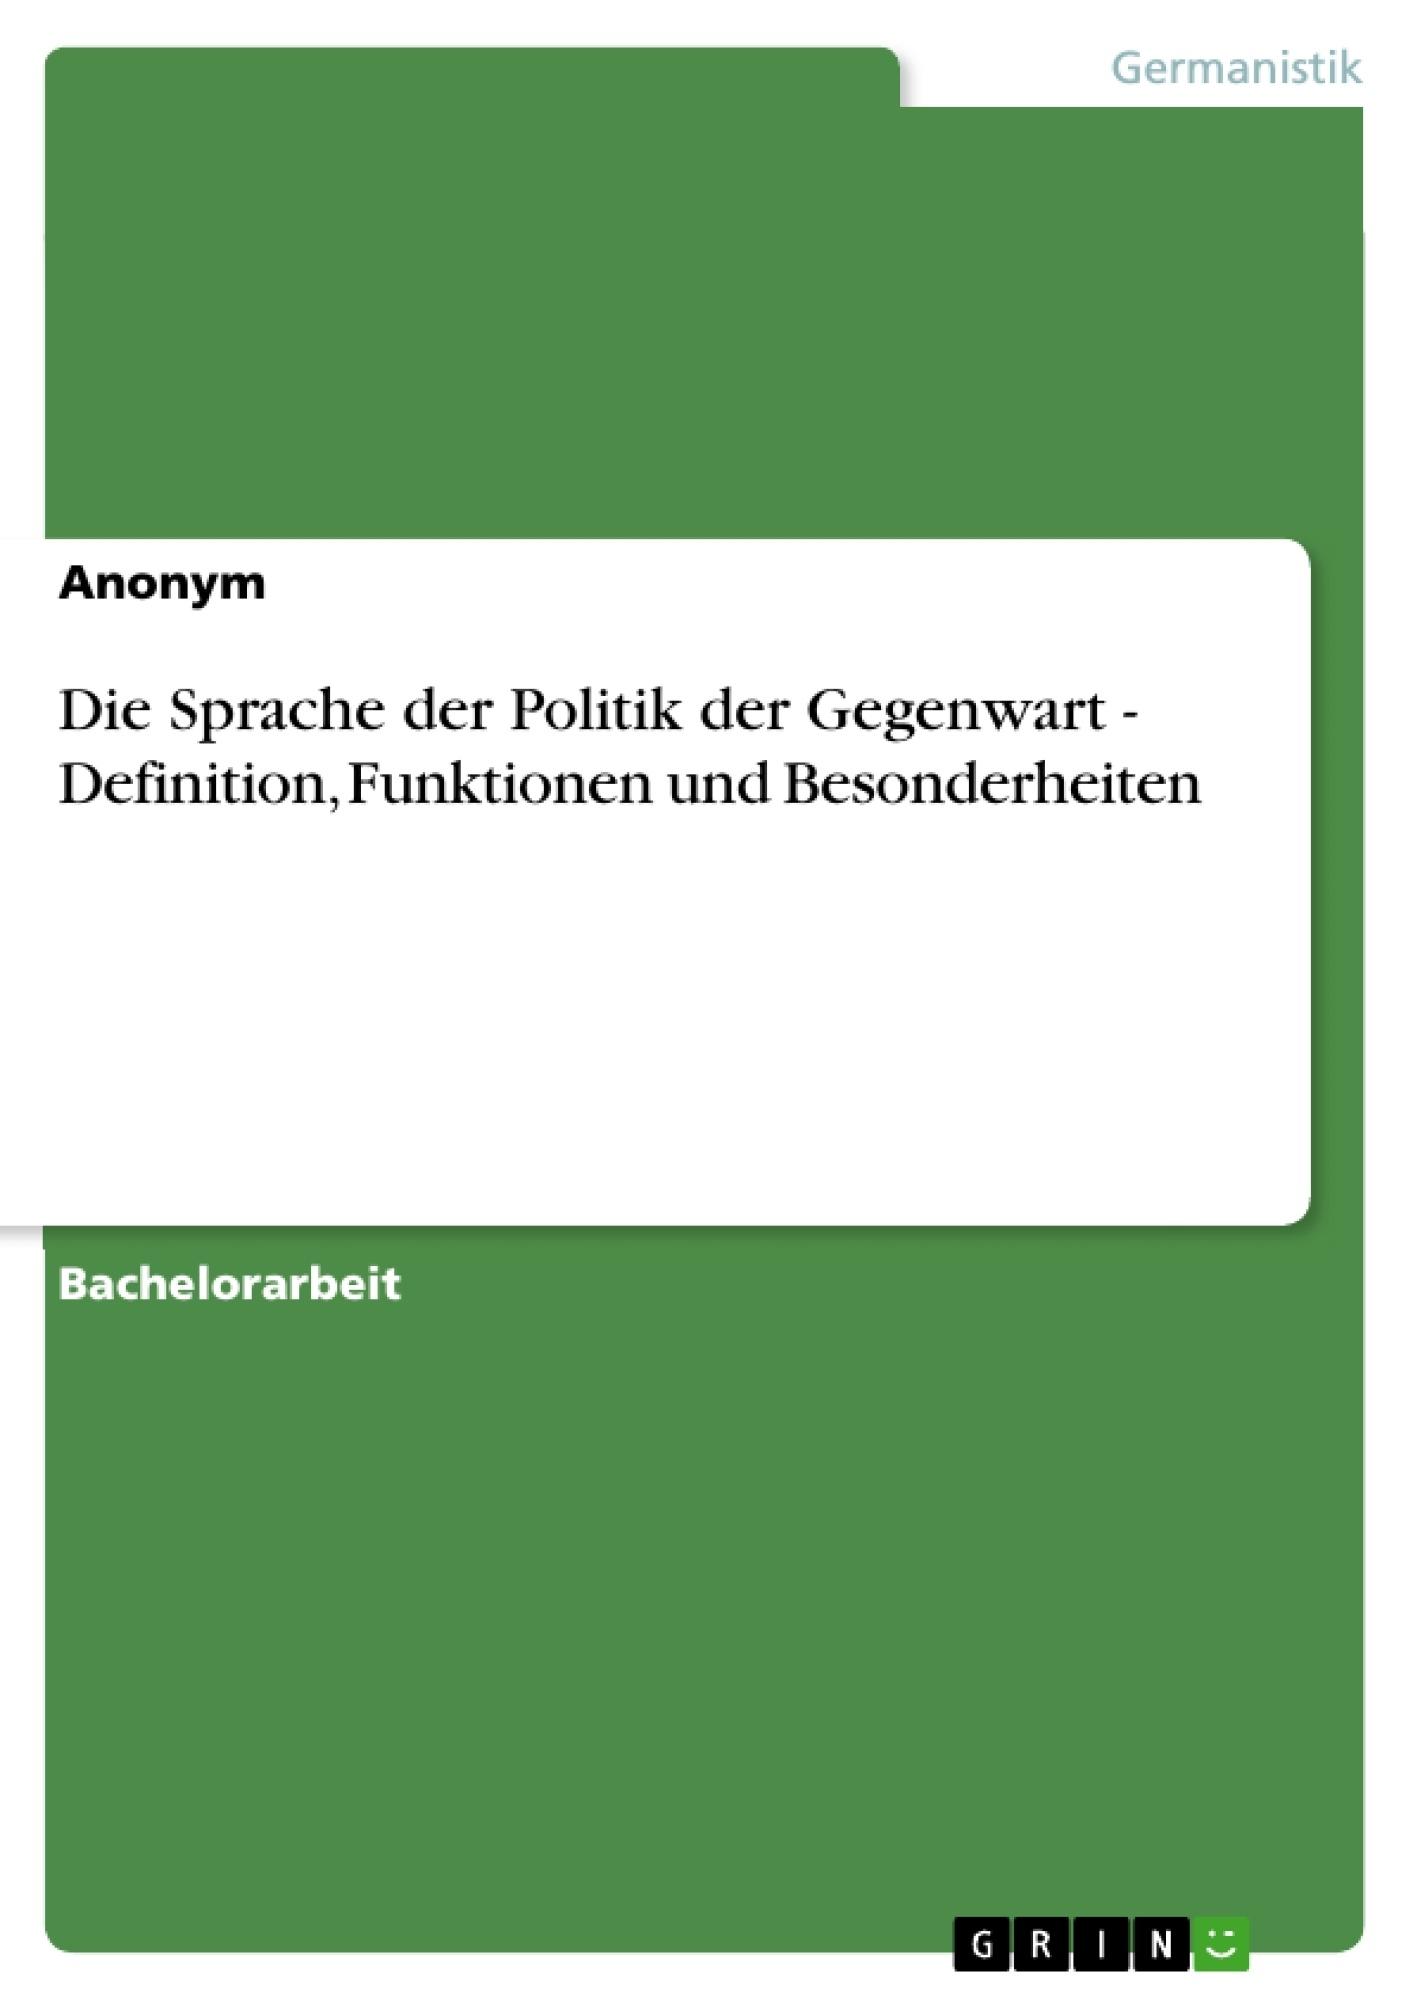 Titel: Die Sprache der Politik der Gegenwart - Definition, Funktionen und Besonderheiten